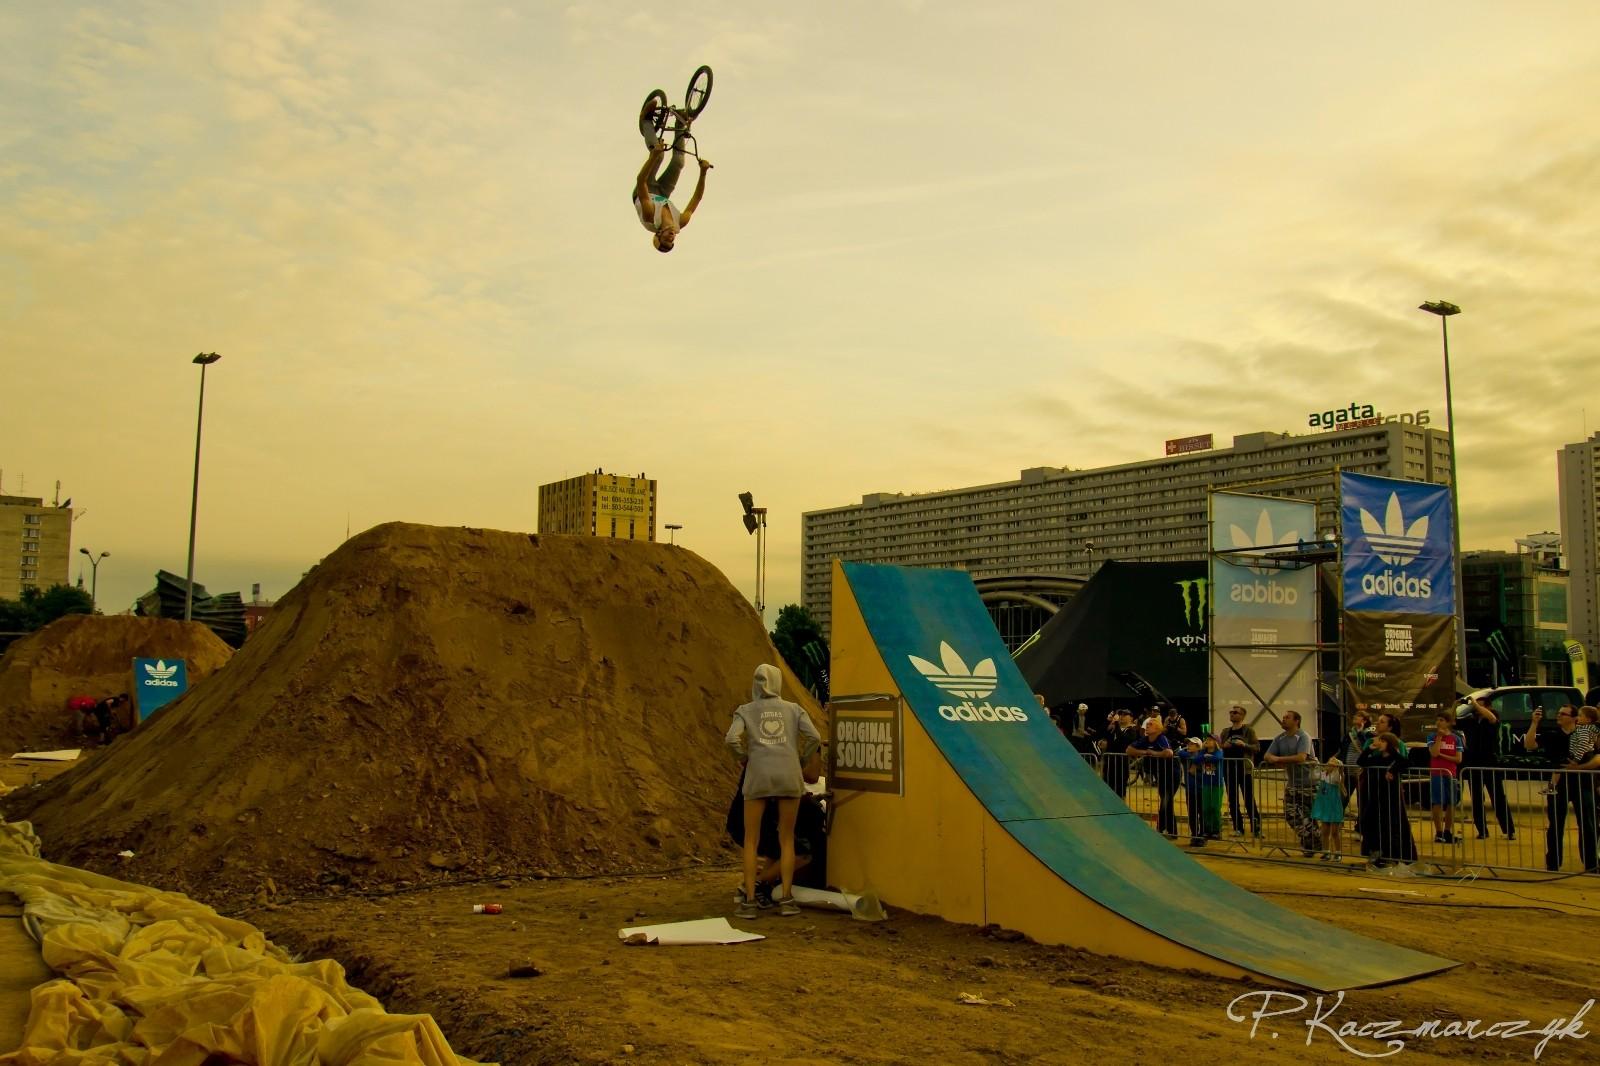 Backflip by Dawid Godziek - piotrkaczmarczyk - Mountain Biking Pictures - Vital MTB